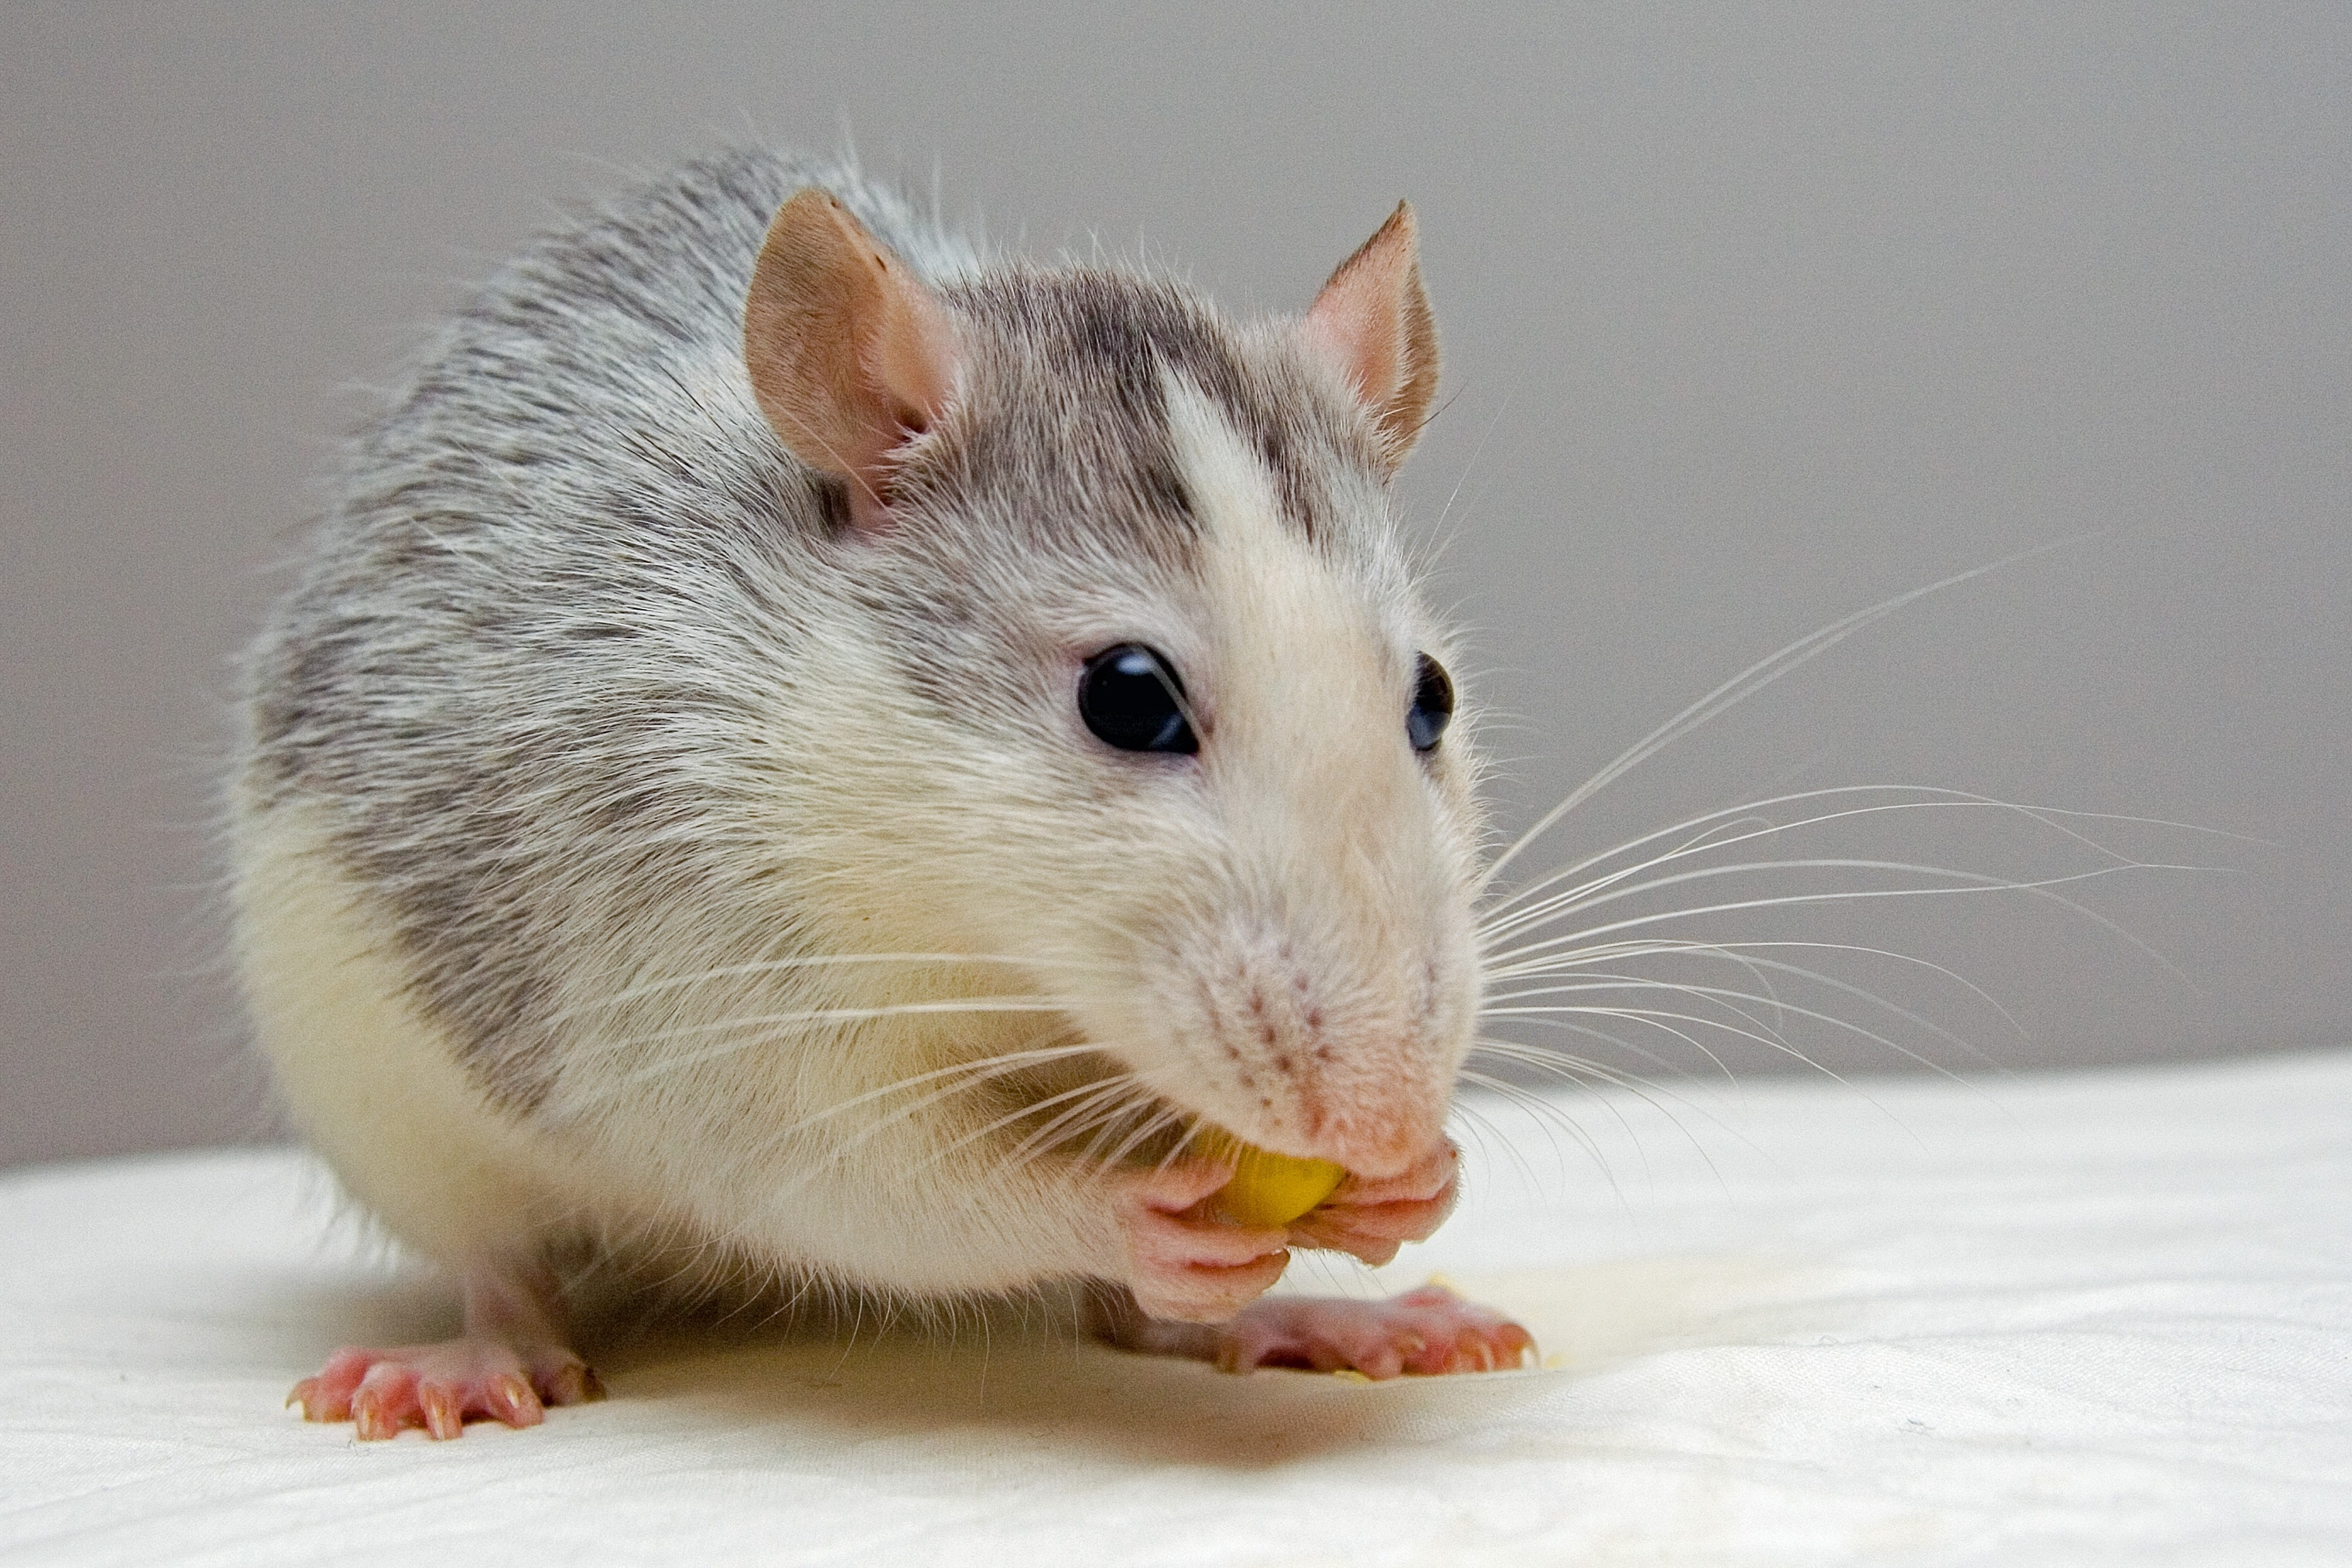 un rat se nourrit